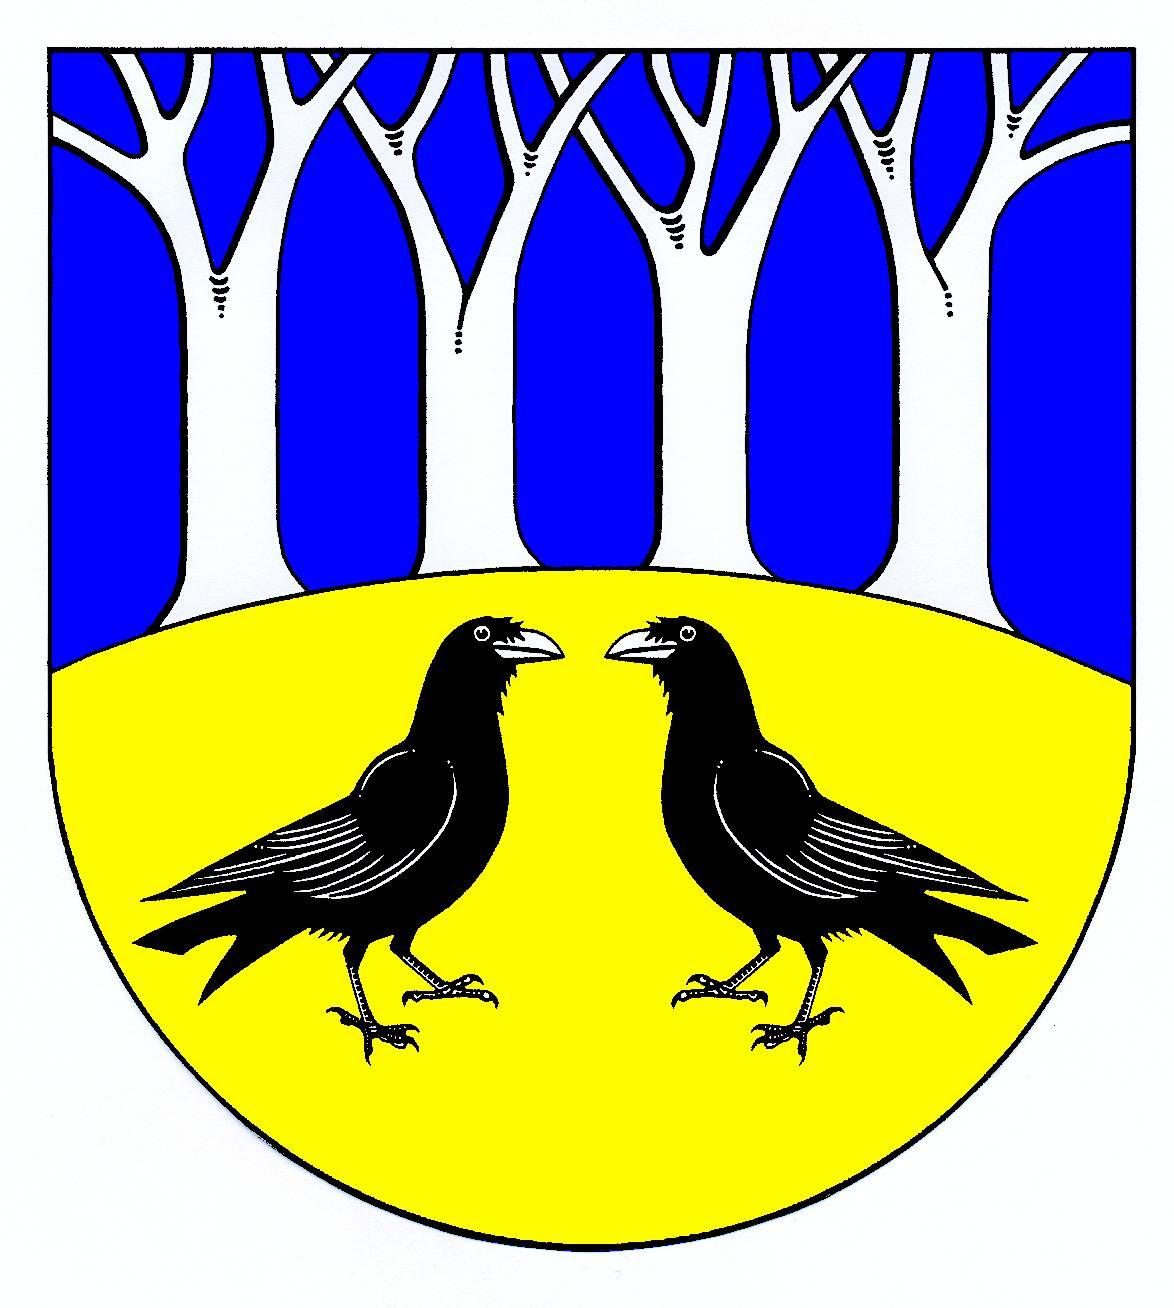 Wappen GemeindeRabenholz, Kreis Schleswig-Flensburg